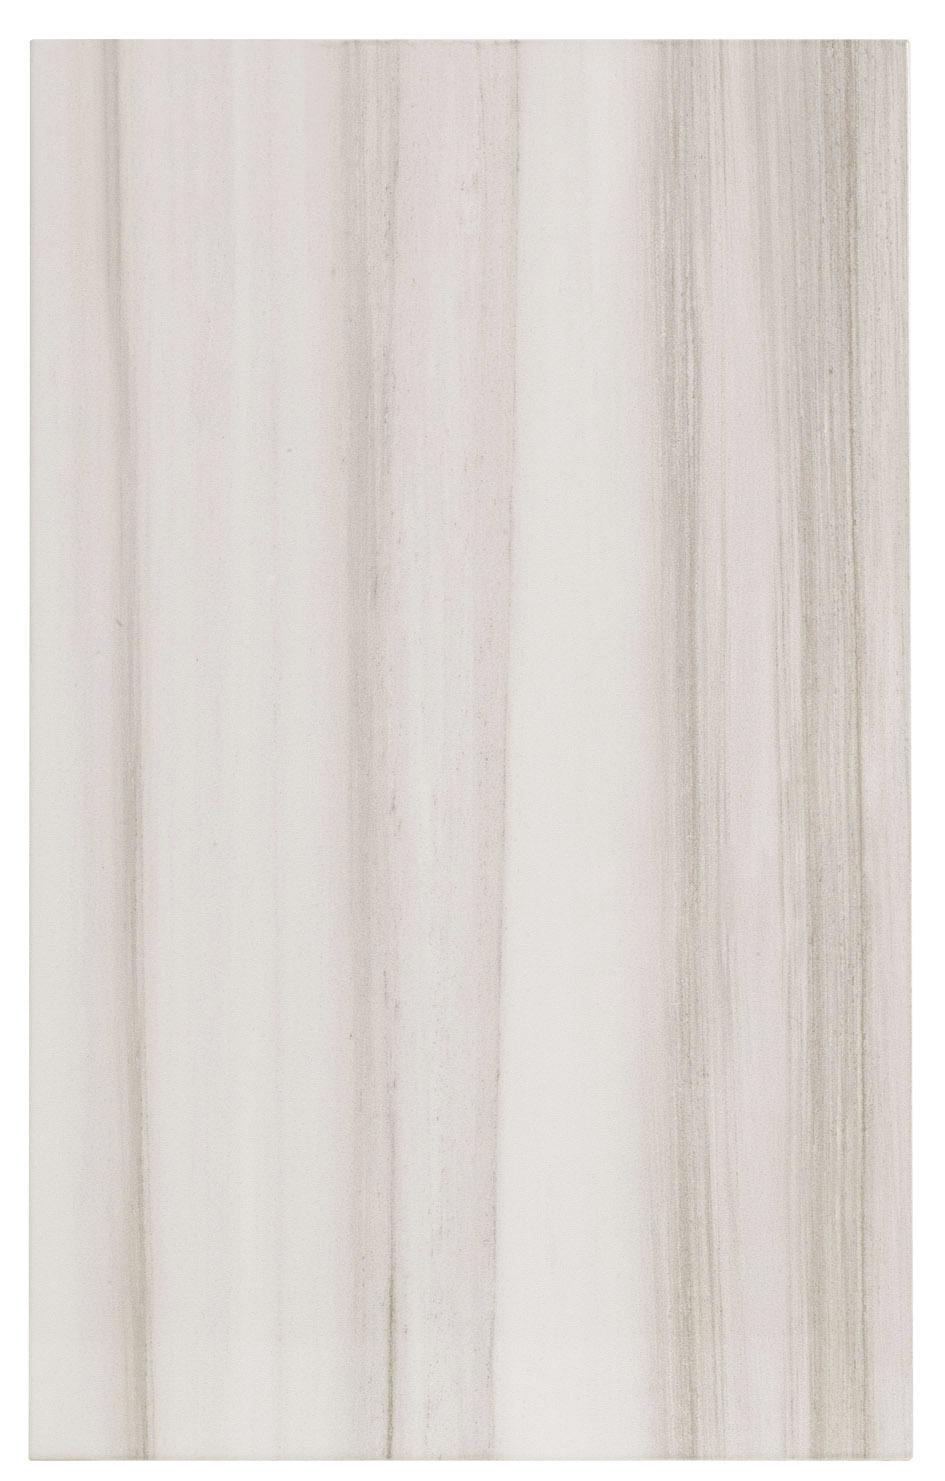 """Horizon Taupe Wall Ceramic Tile - 10"""" x 16"""" Image"""